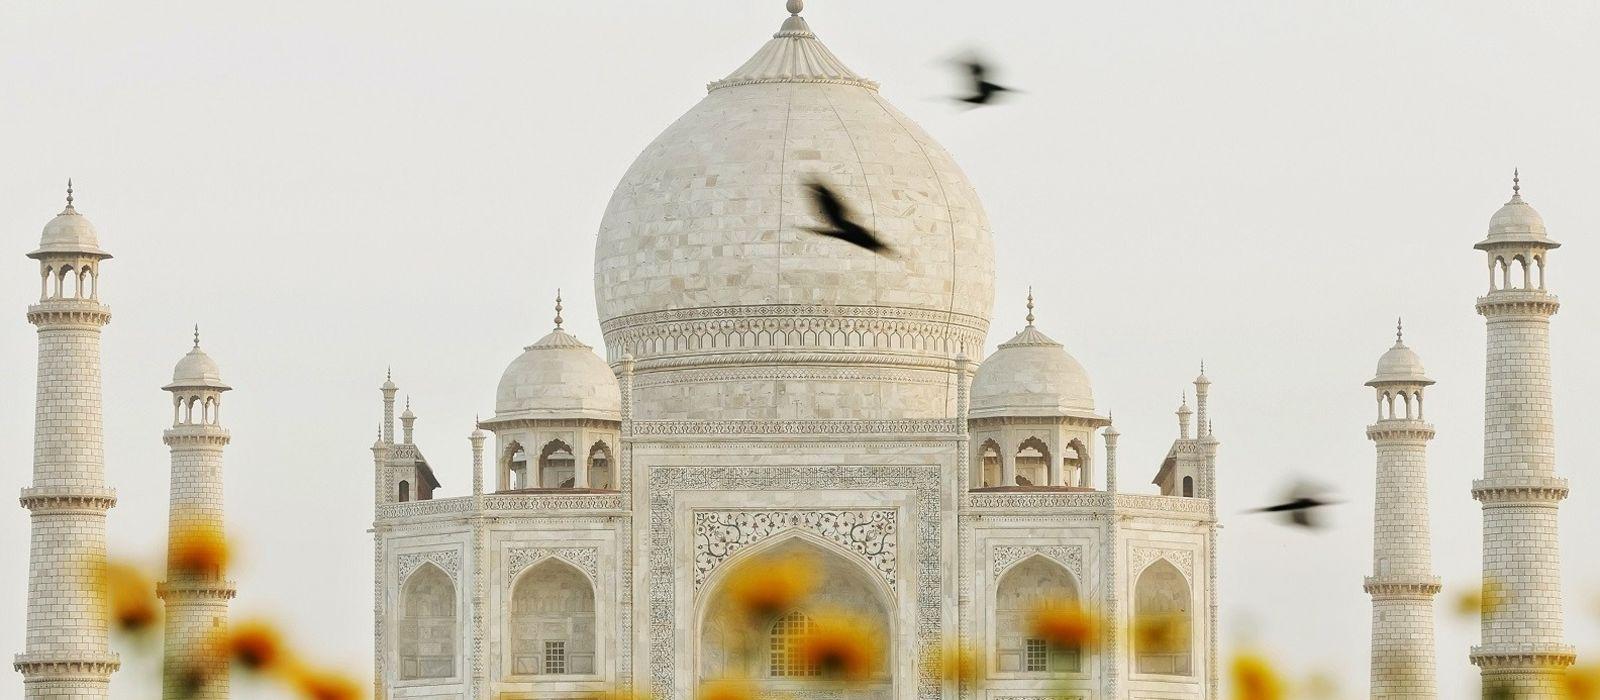 Bezaubernde Nordindien Reise – klassisch & komfortabel Urlaub 2